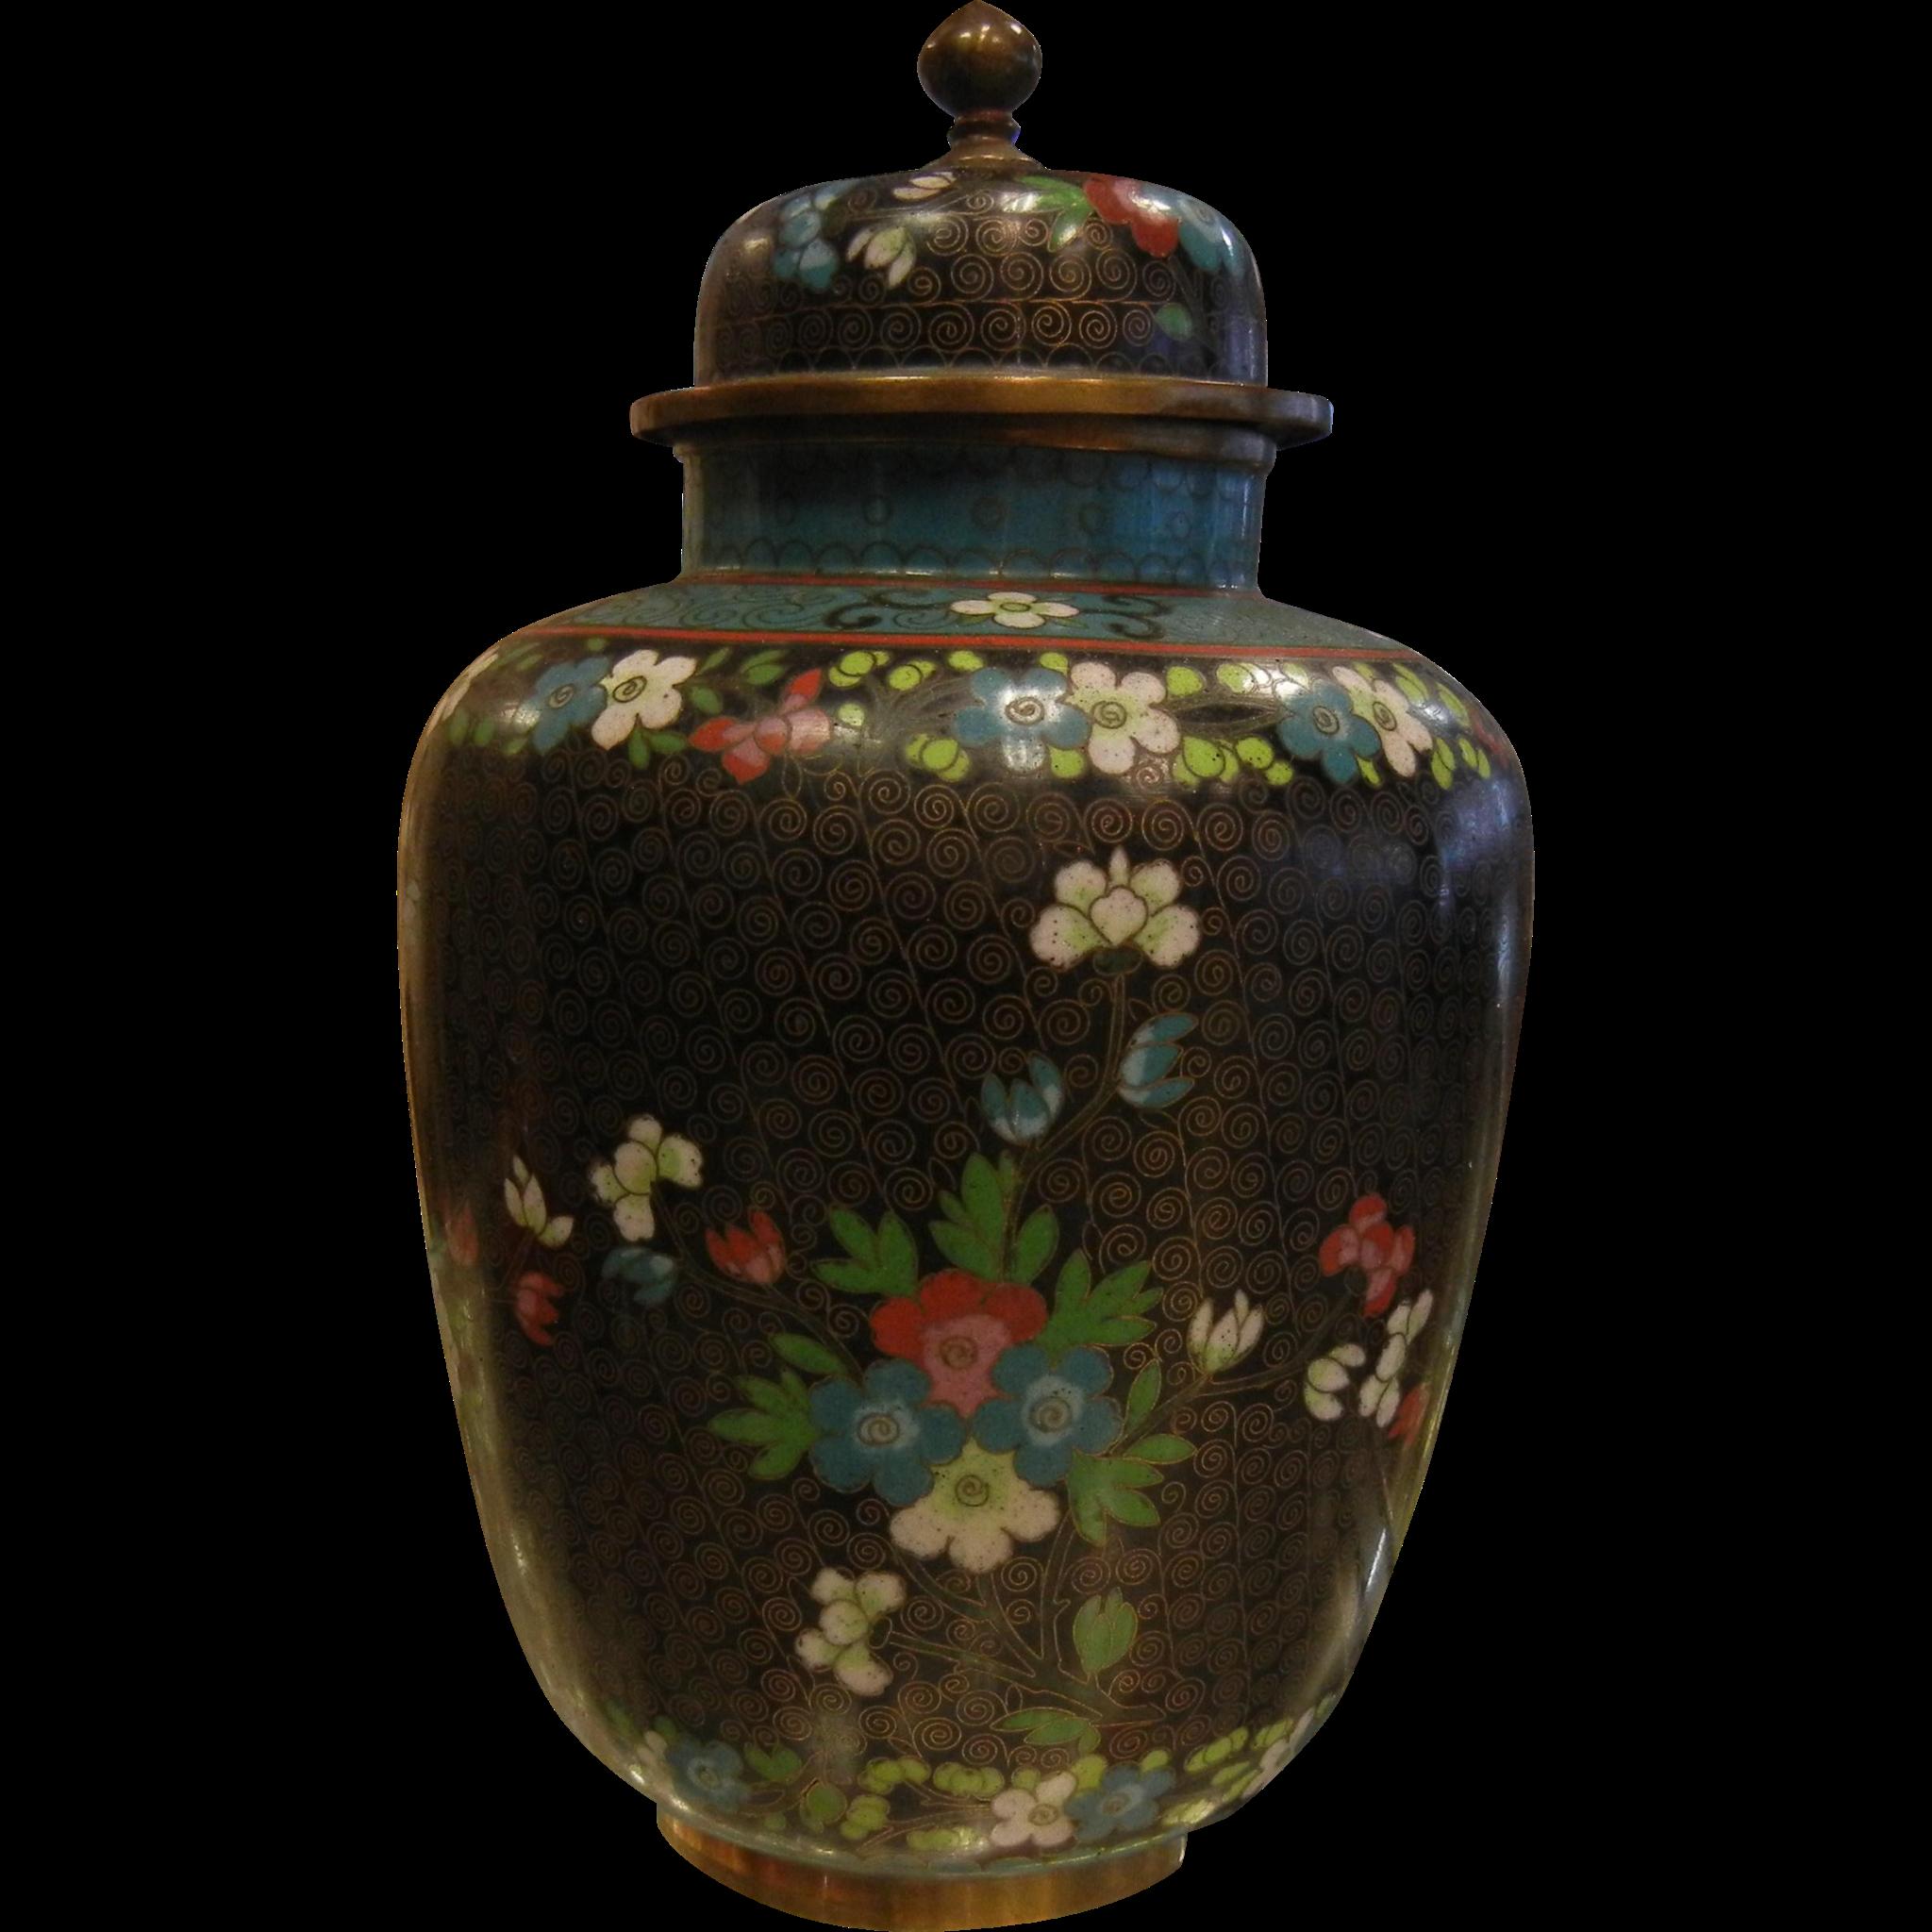 Vintage Black Enameled Chinese Vase w/ Lid Urn